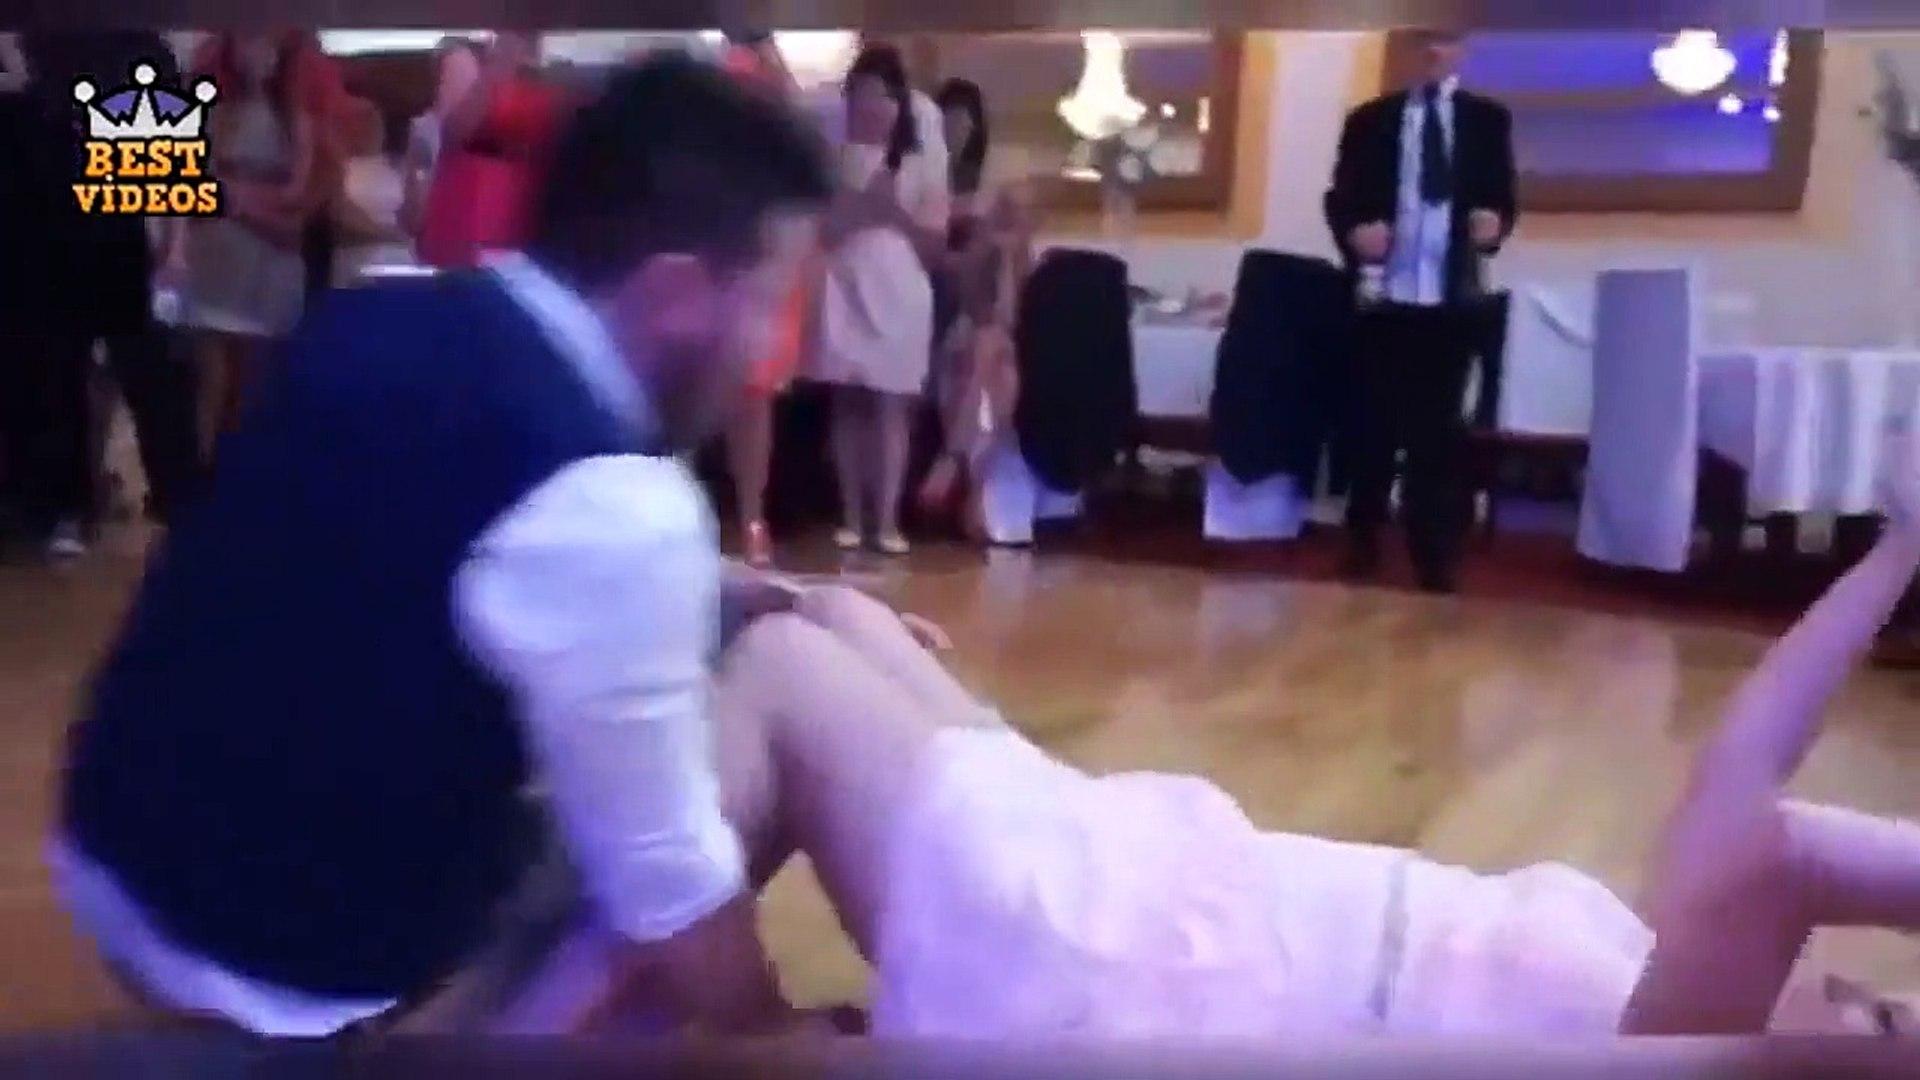 Yerde Dans Etmek - Rus Düğün Oyunları - Mini Etek - Frikik - Dans